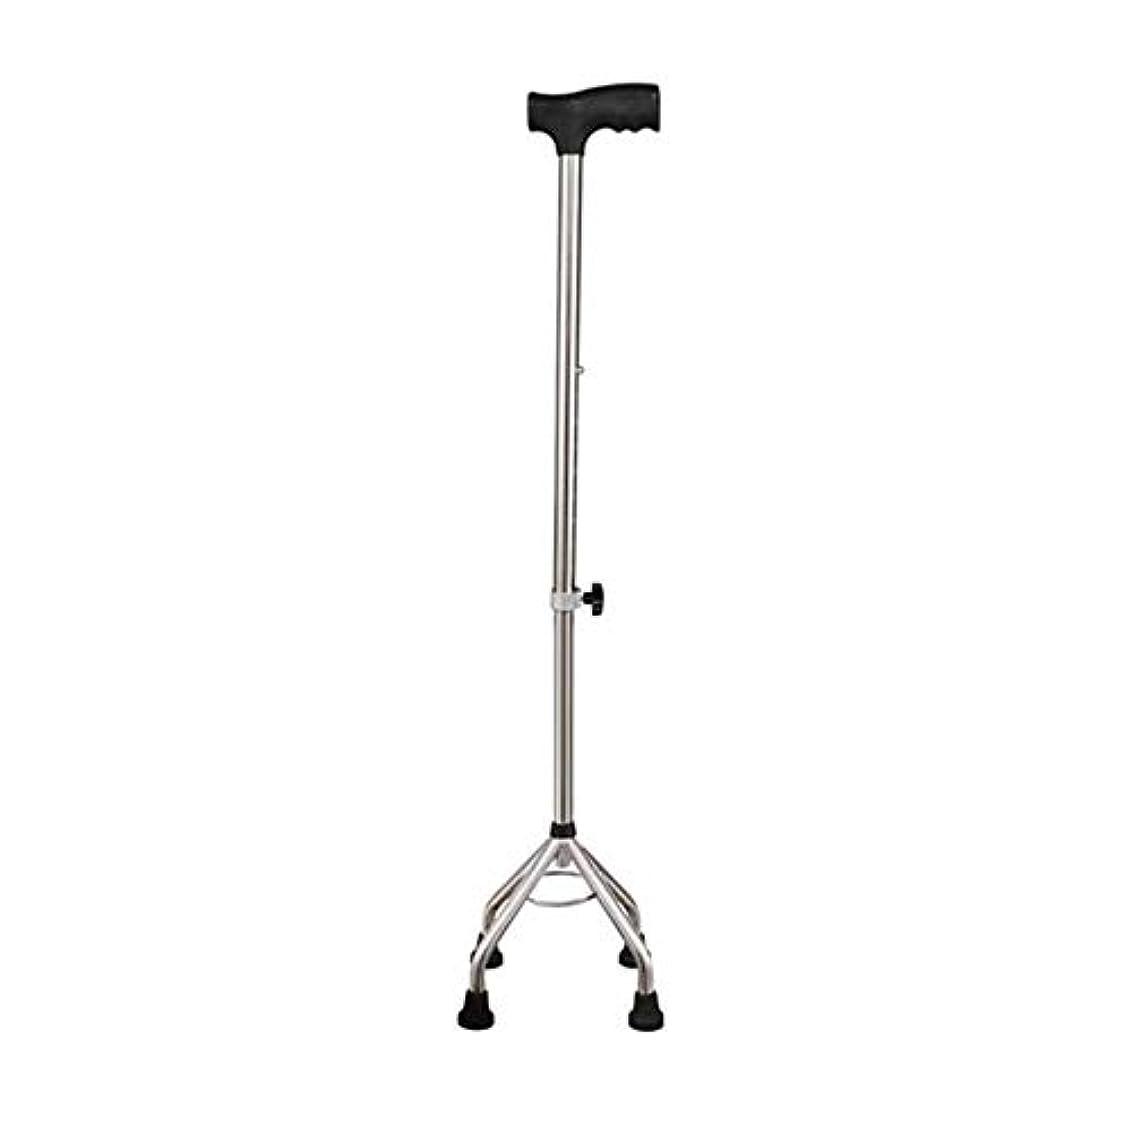 違反する考えた天井4本の足の滑り止めの基礎が付いている年配のステッキ、軽量の松葉杖ステンレス鋼の安全調節可能な高さ、年配の男性女性のための銀製の杖障害者